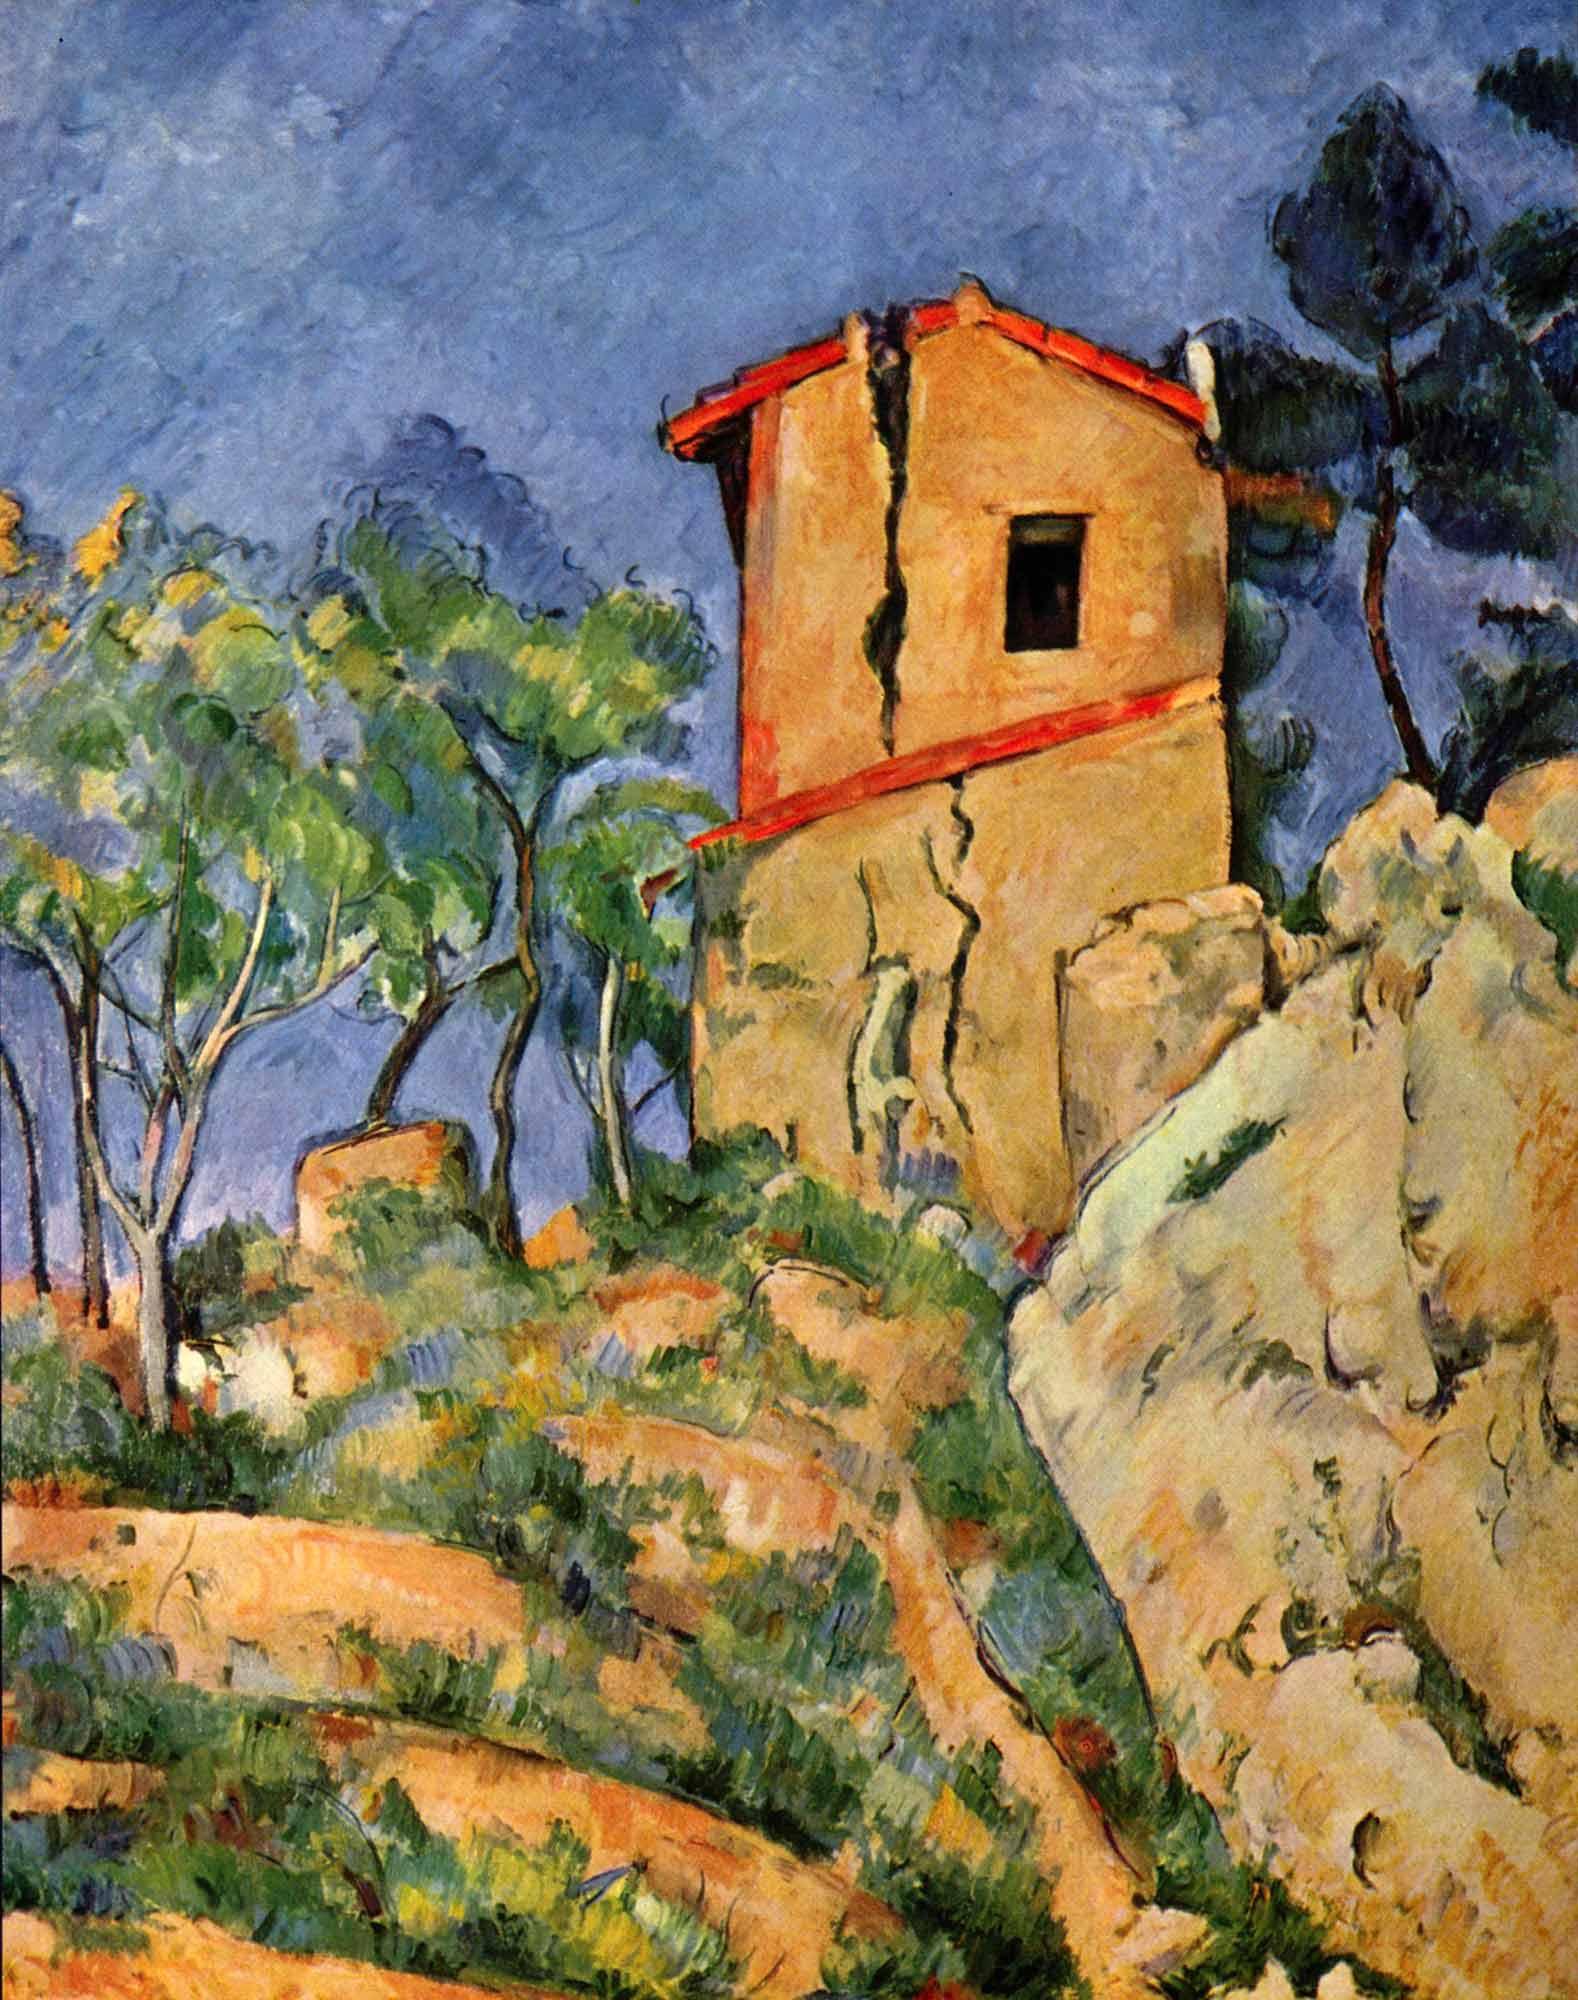 Paul Cezanne Bellevue'da Güvercinli Ev